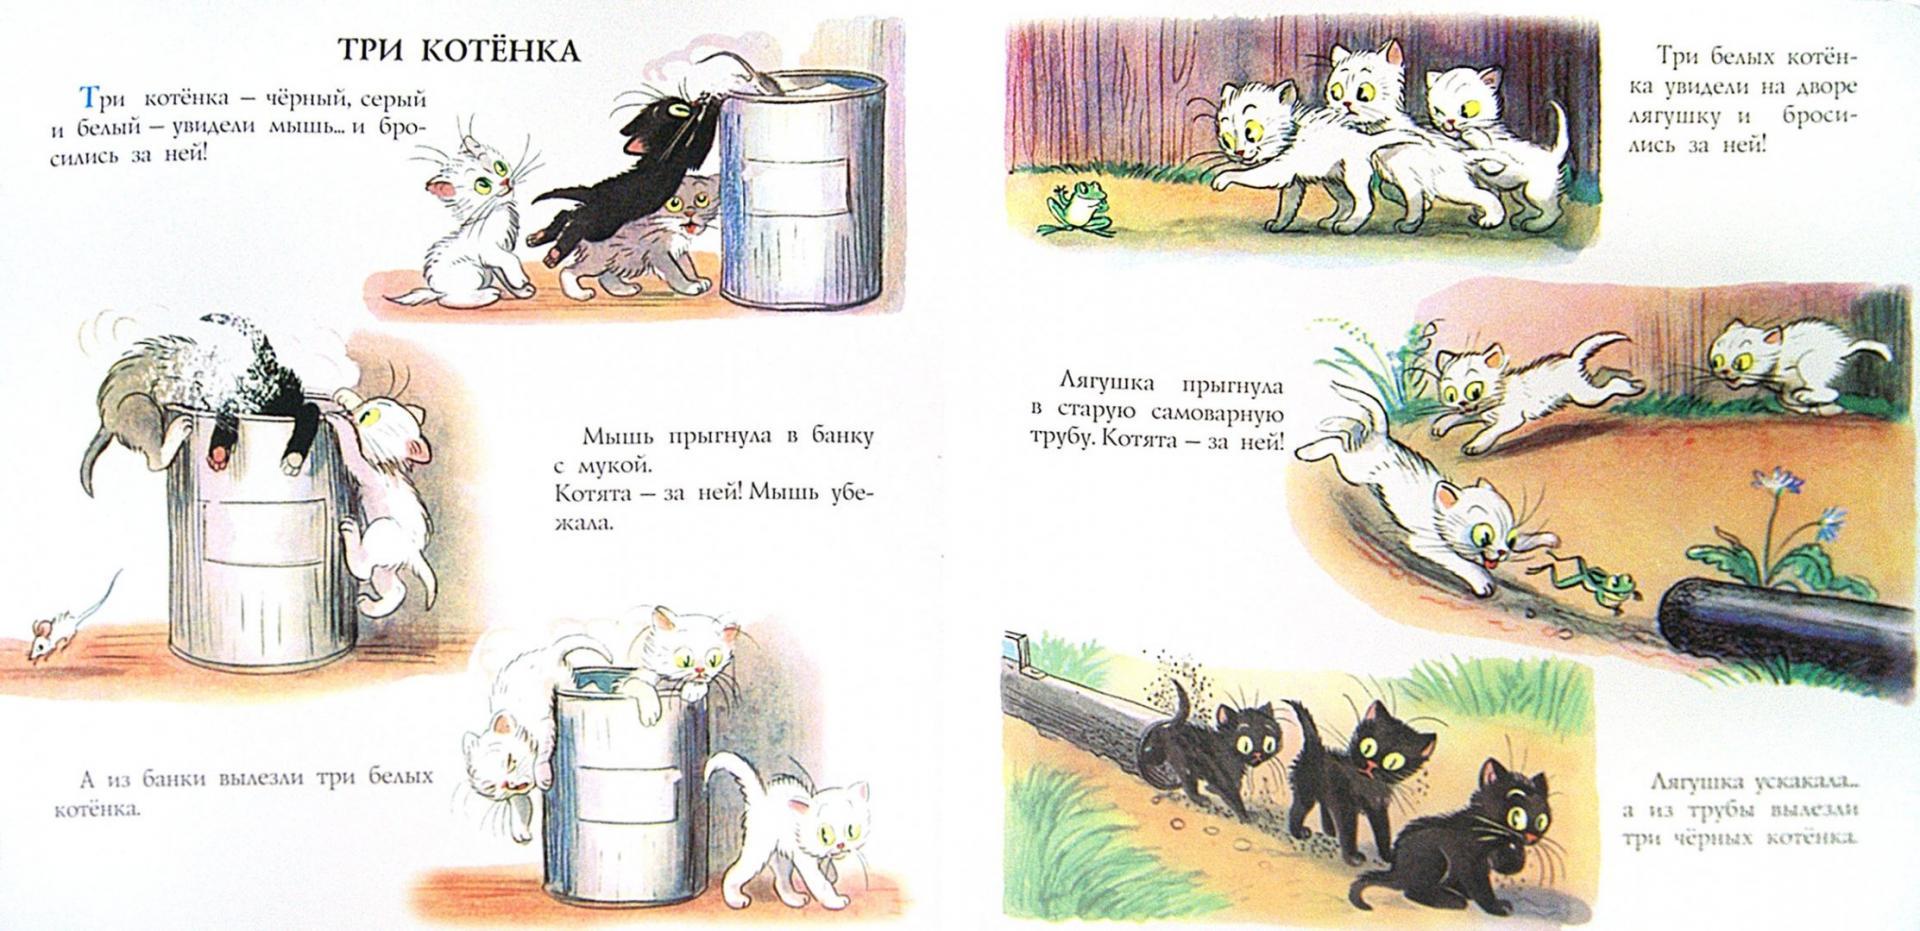 Иллюстрация 1 из 5 для Сказки в картинках - Владимир Сутеев | Лабиринт - книги. Источник: Лабиринт